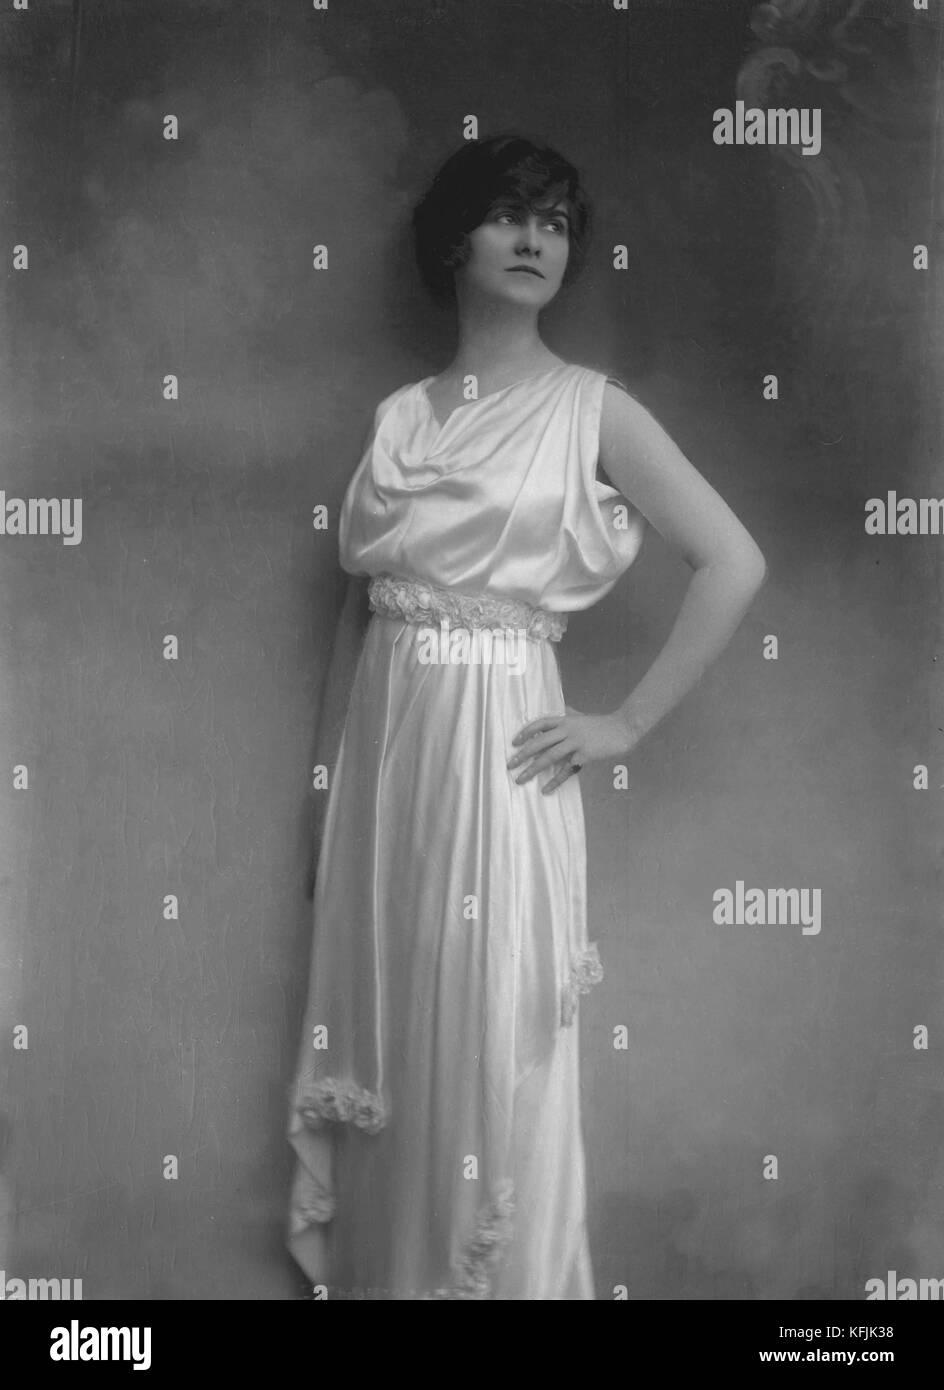 Coco Chanel (1883-1971), couturier français. photo taponier Photo12.com 08b817a5b59